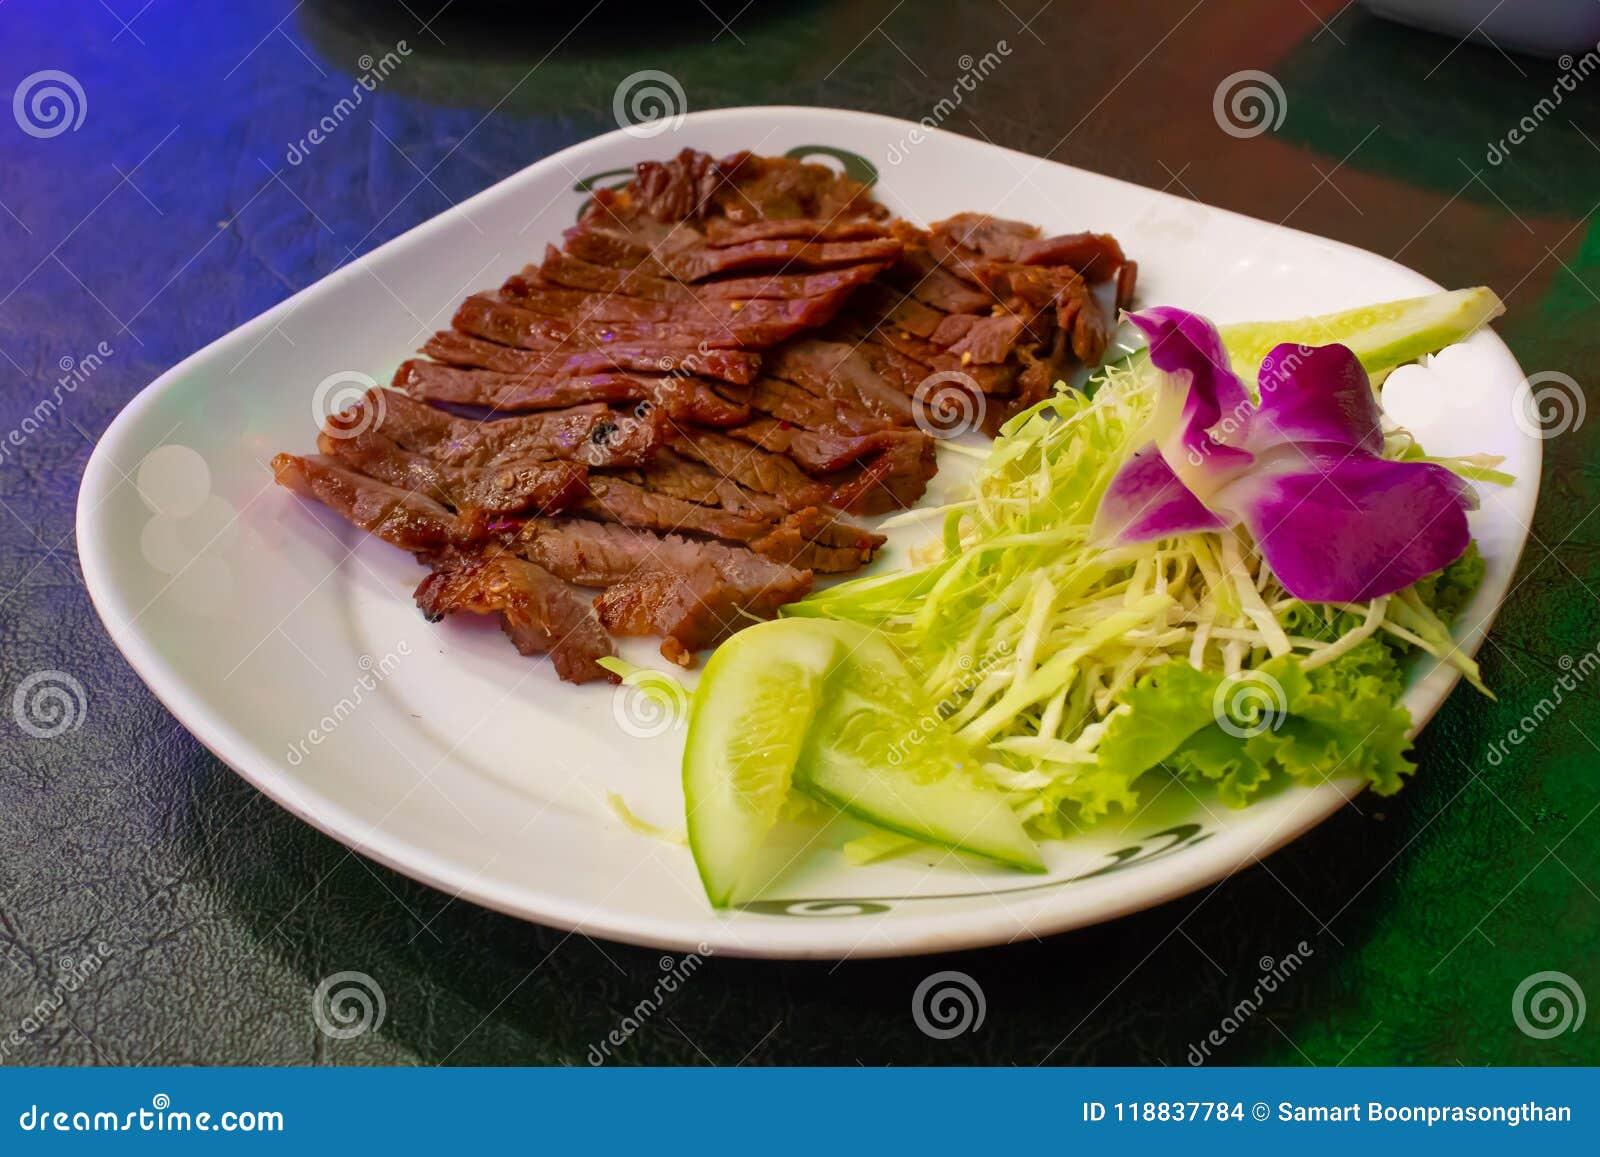 Ψημένο στη σχάρα βόειο κρέας σε ένα άσπρο πιάτο με τη σάλτσα και τα λαχανικά